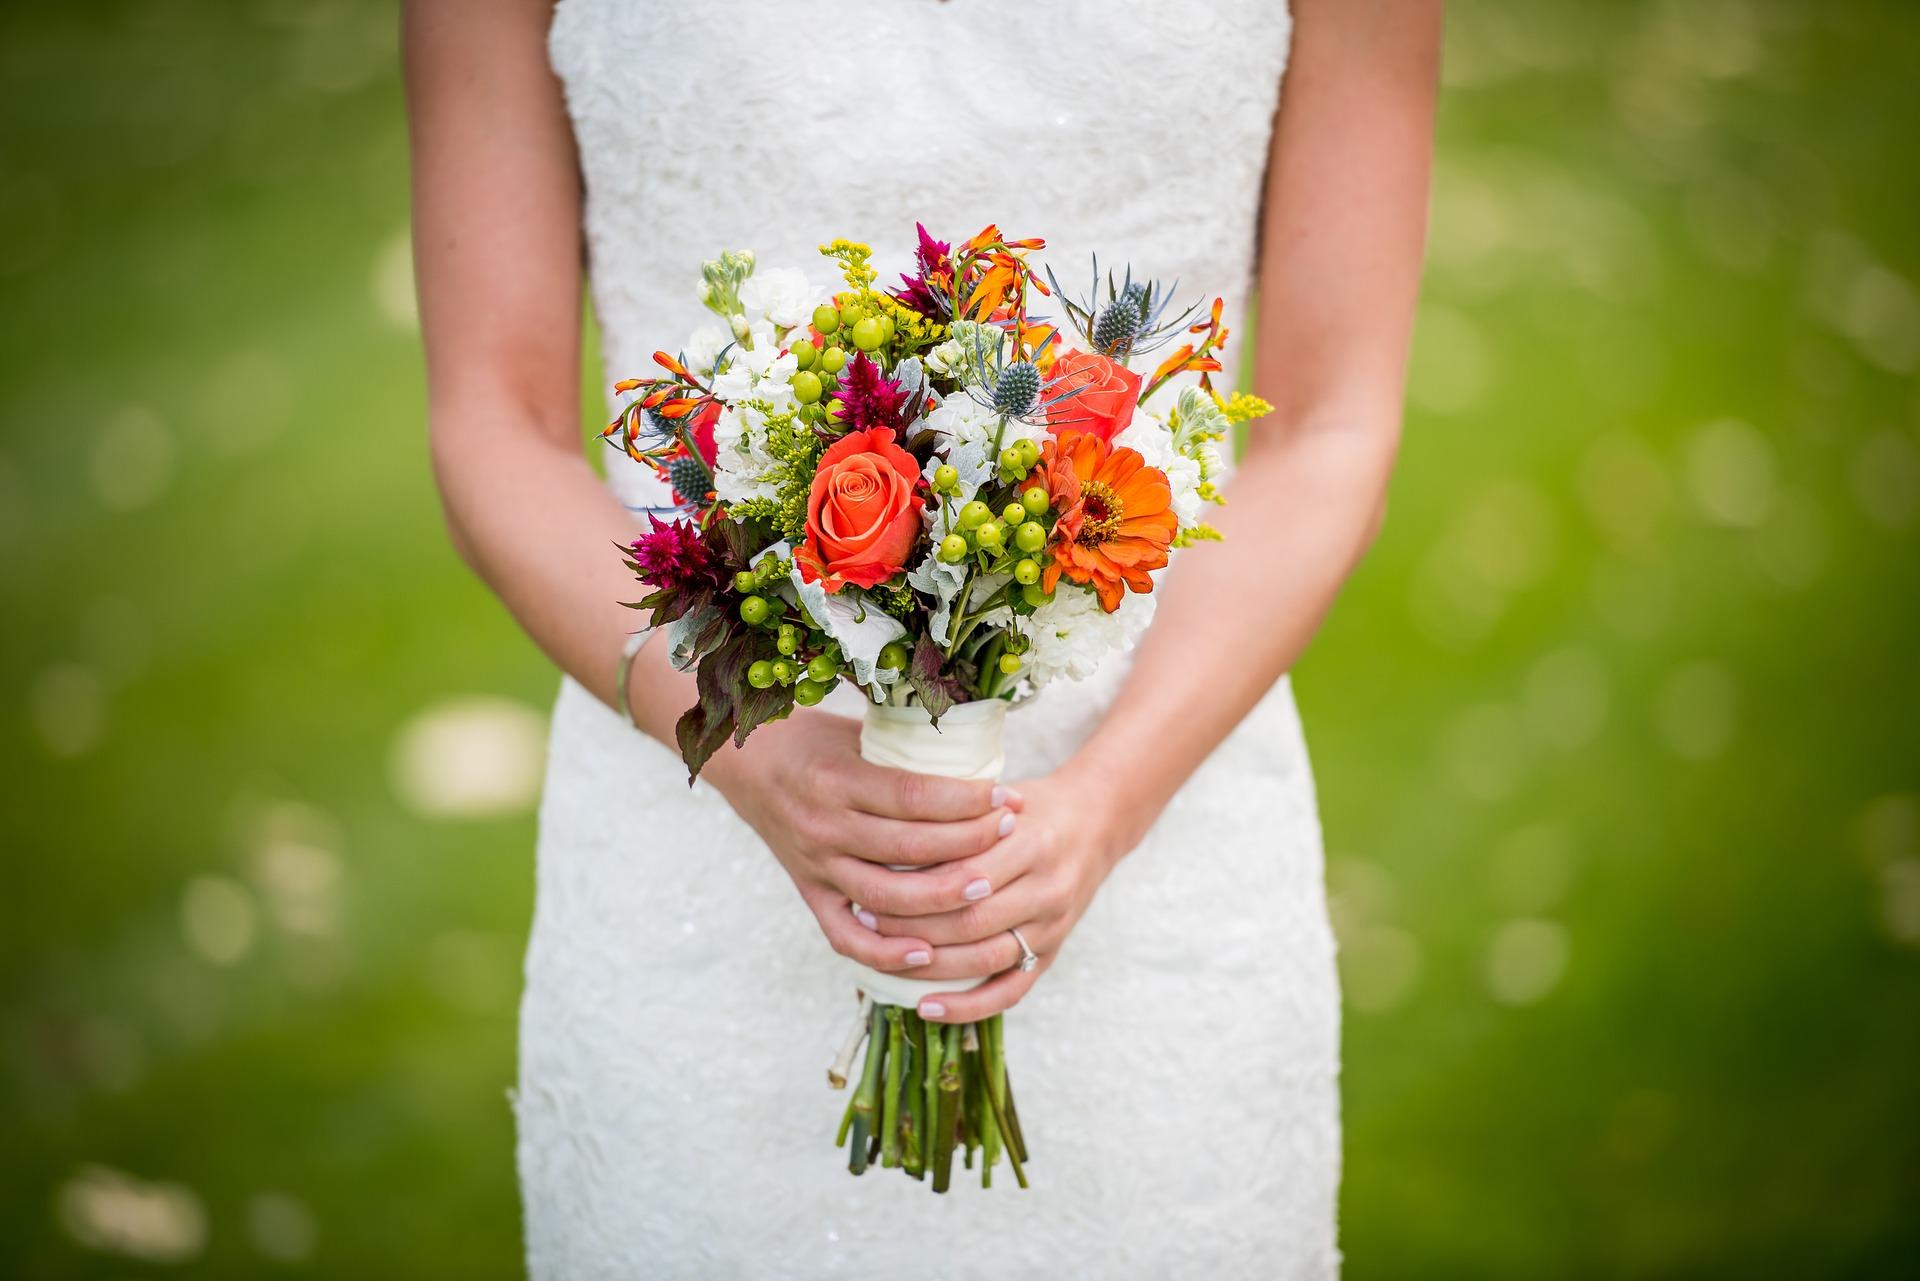 Mieszkańcy południowo-wschodnich regionów są bardziej skłonni do wstępowania w związki małżeńskie niż mieszkańcy części północno-zachodniej (fot.pixabay)